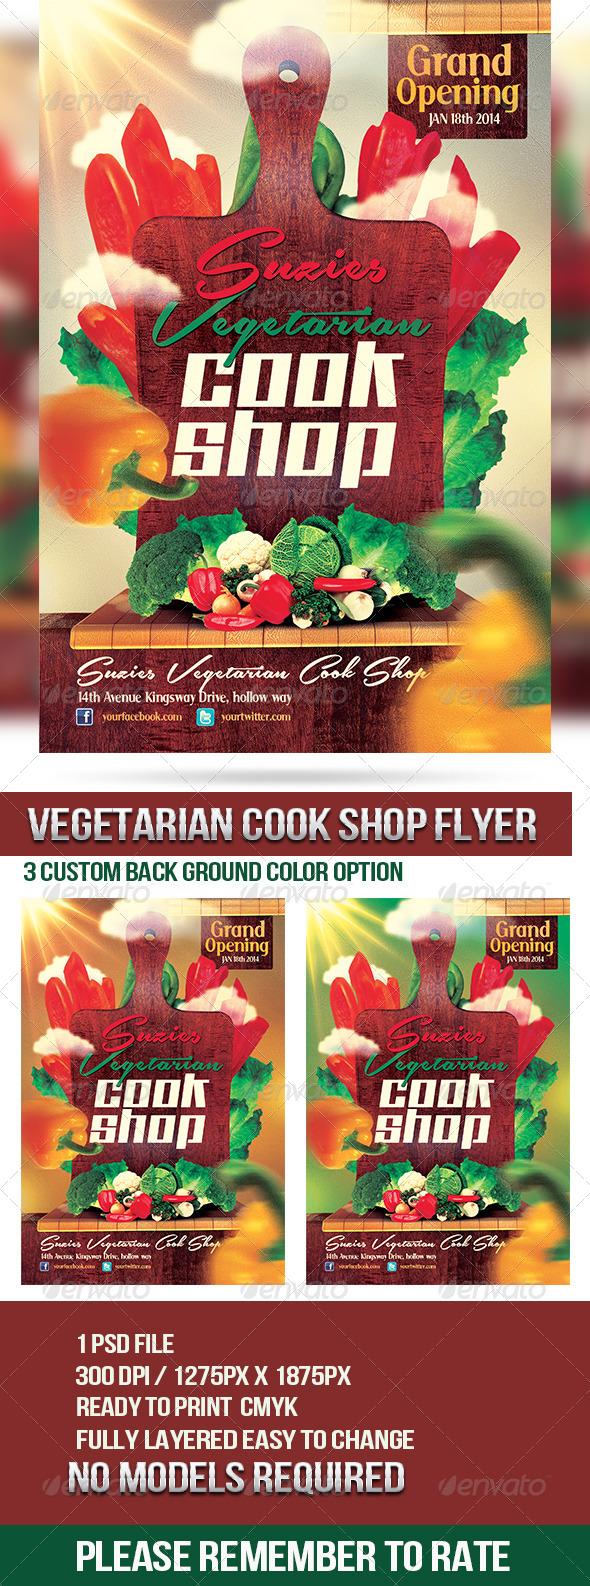 Vegetarian Cook Shop Promotional Flyer - Restaurant Flyers